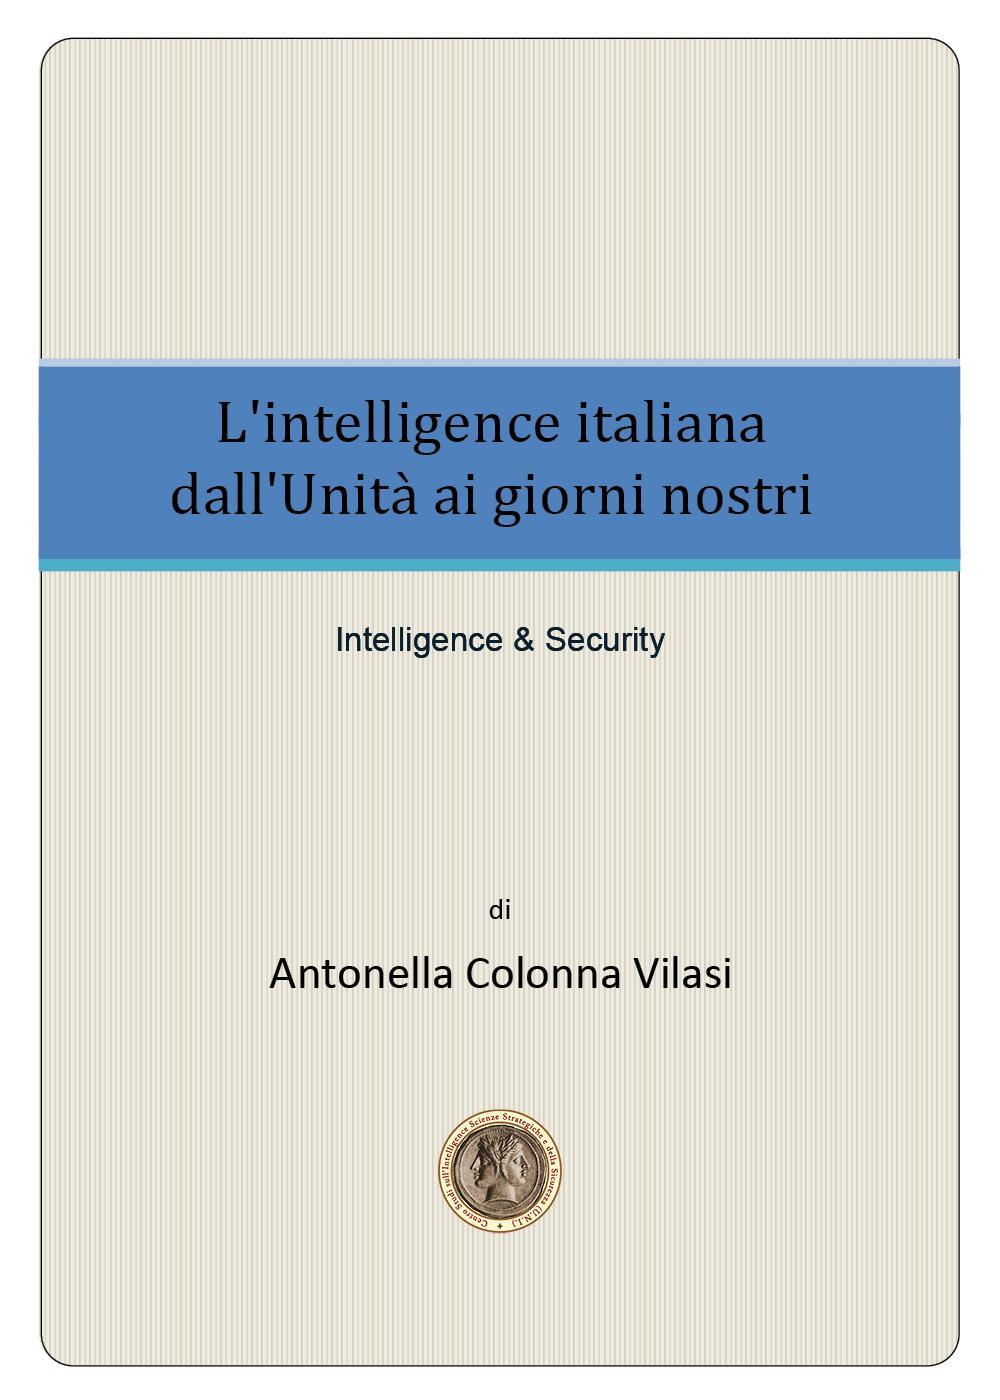 L'intelligence italiana dall'Unità ai giorni nostri